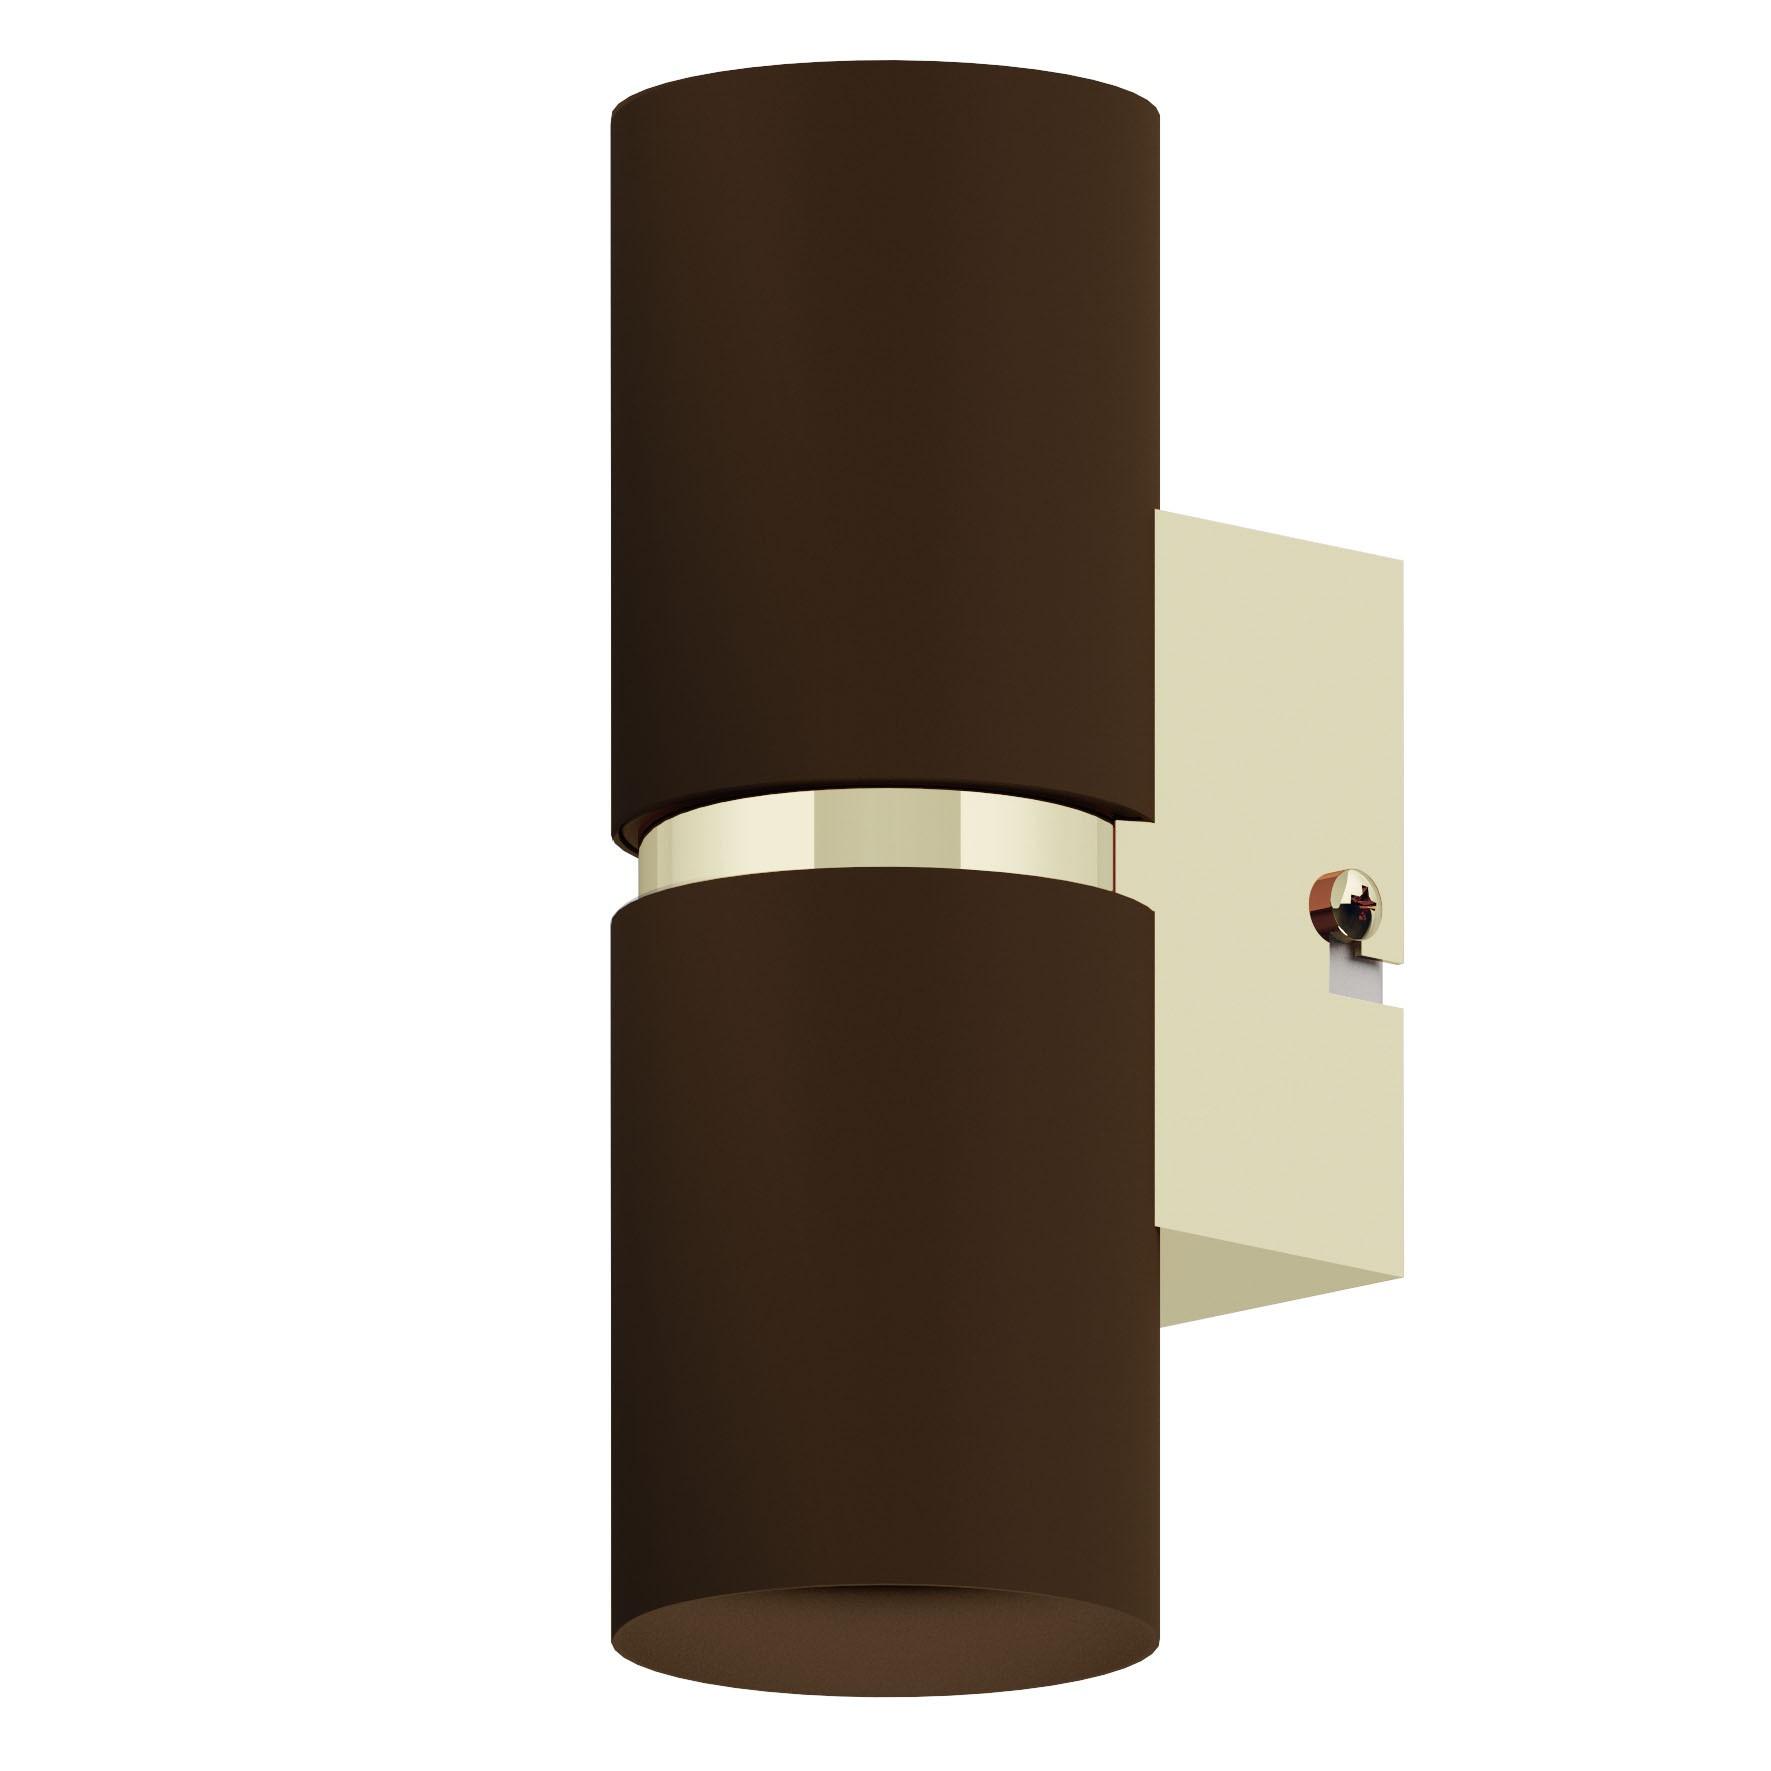 wandleuchte passa in braun kupfer 2x4w l 6 h 17cm innenleuchten wandleuchten. Black Bedroom Furniture Sets. Home Design Ideas